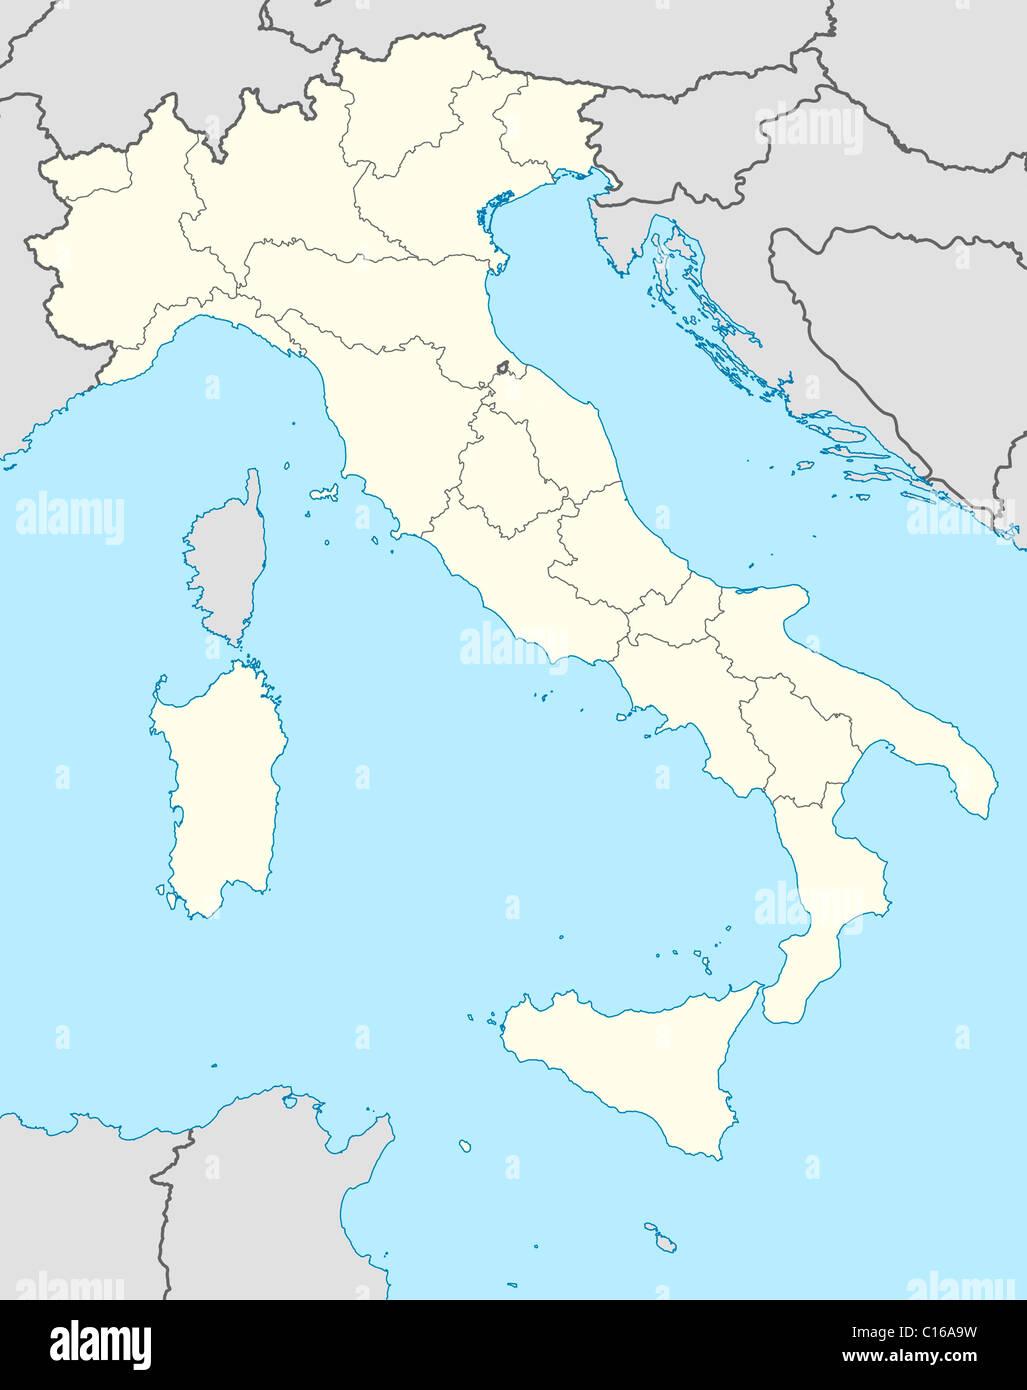 Landkarte Von Italien In Europa Dargestellt